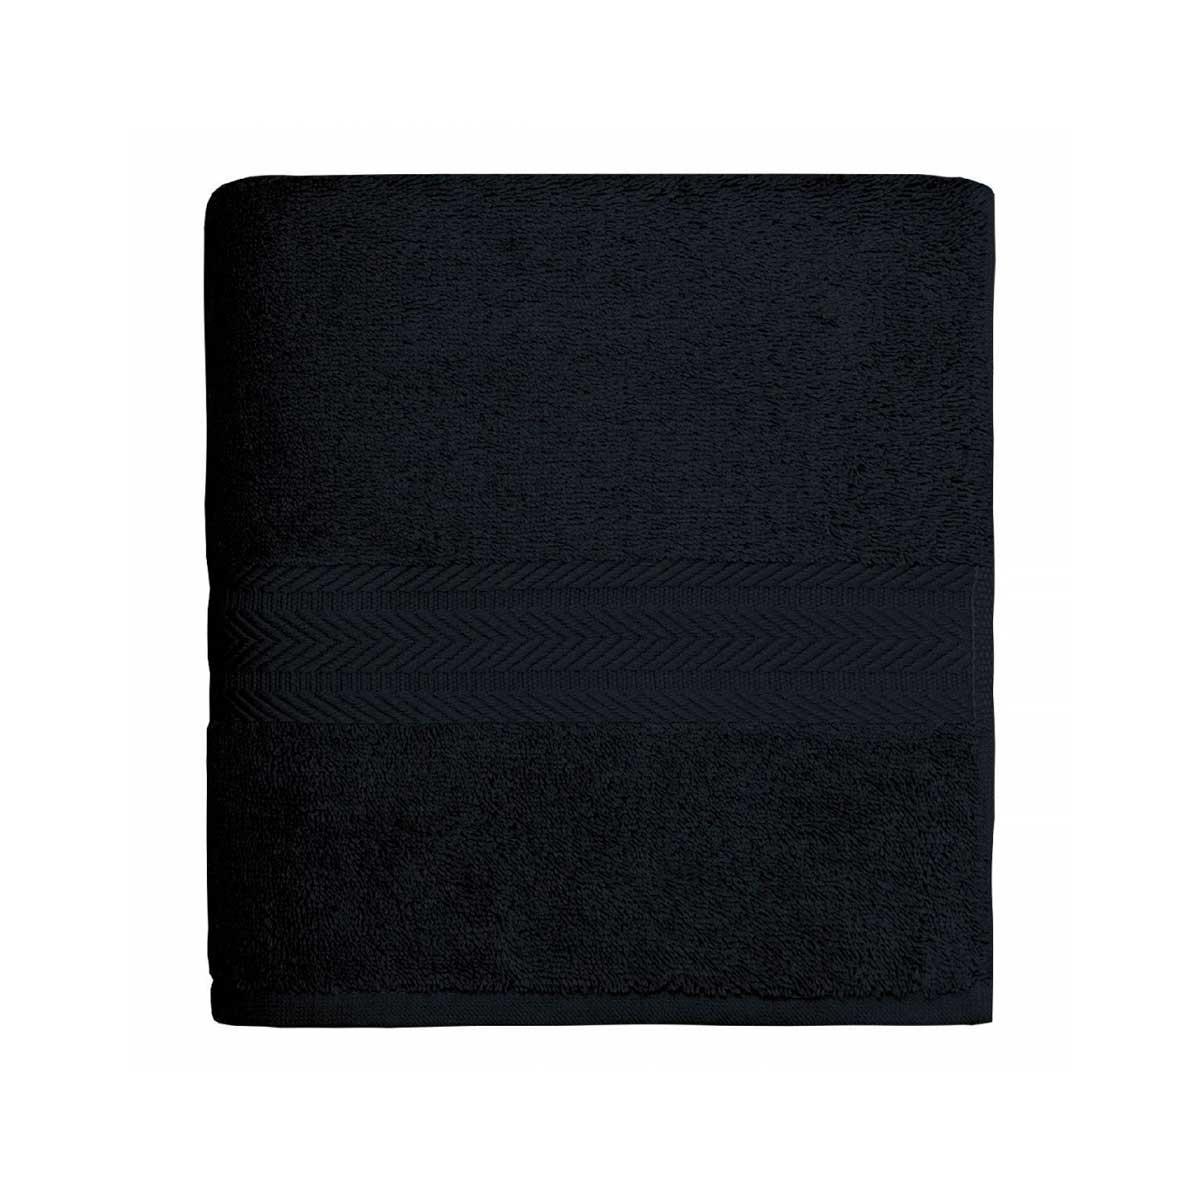 Serviette de toilette en coton 550gr/m² noir - Noir - 50 x 100 cm